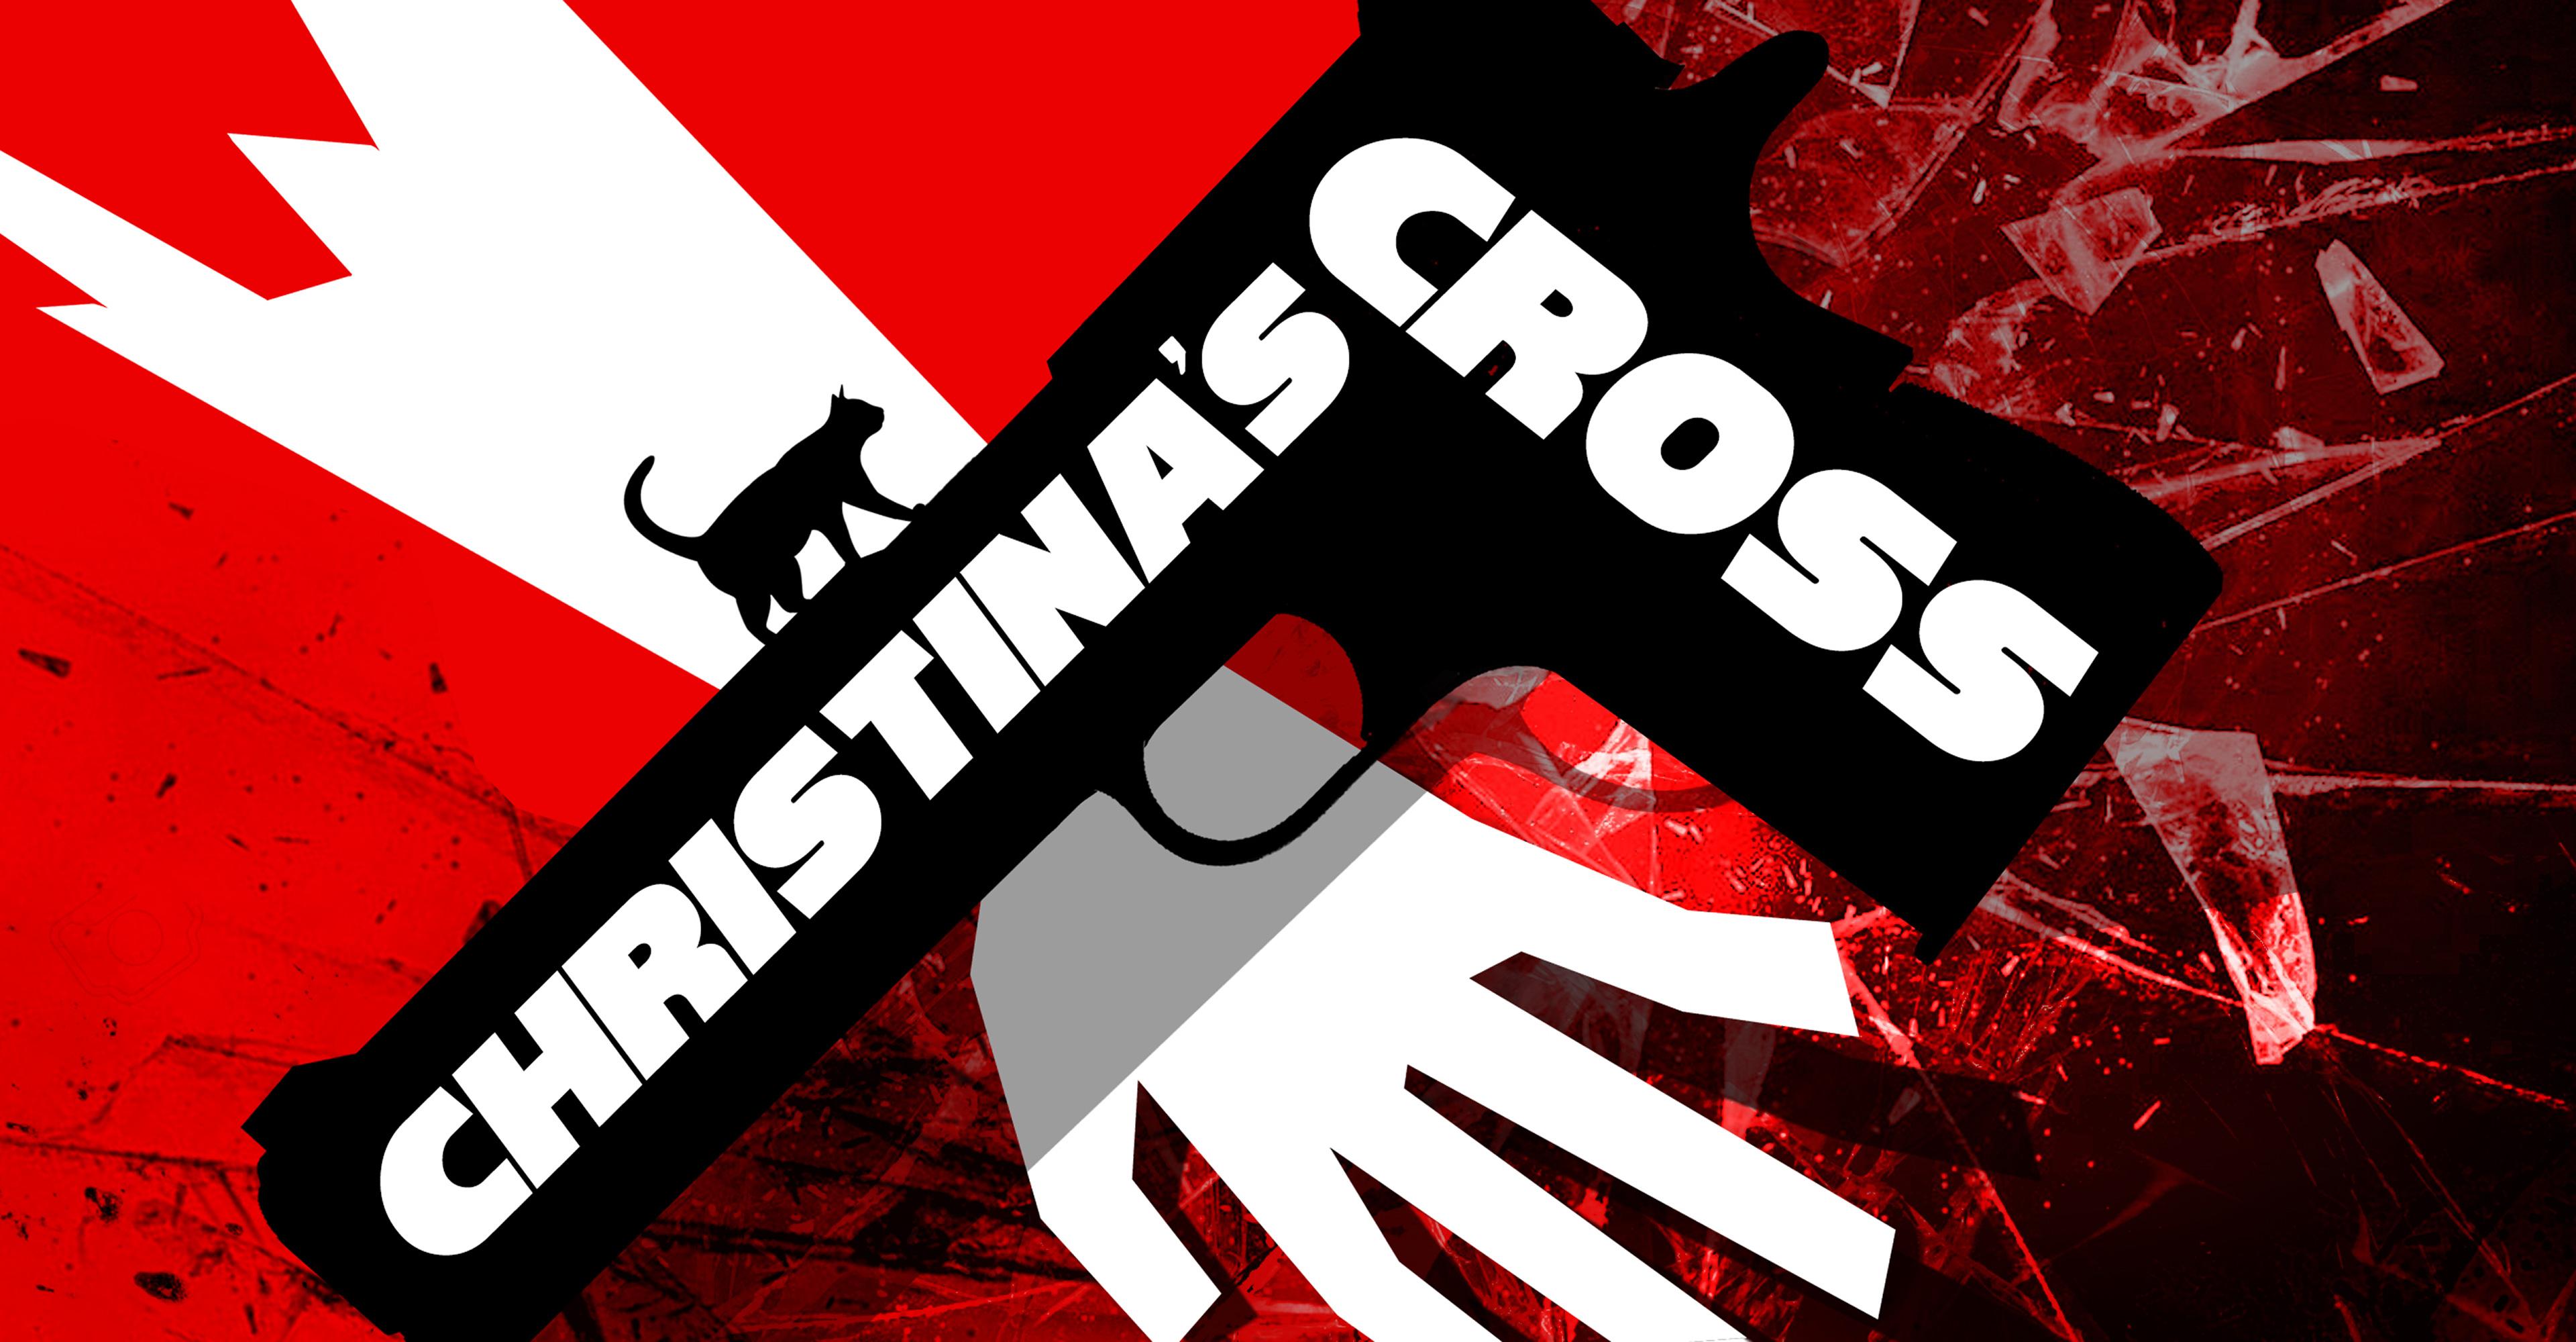 Christina's Cross